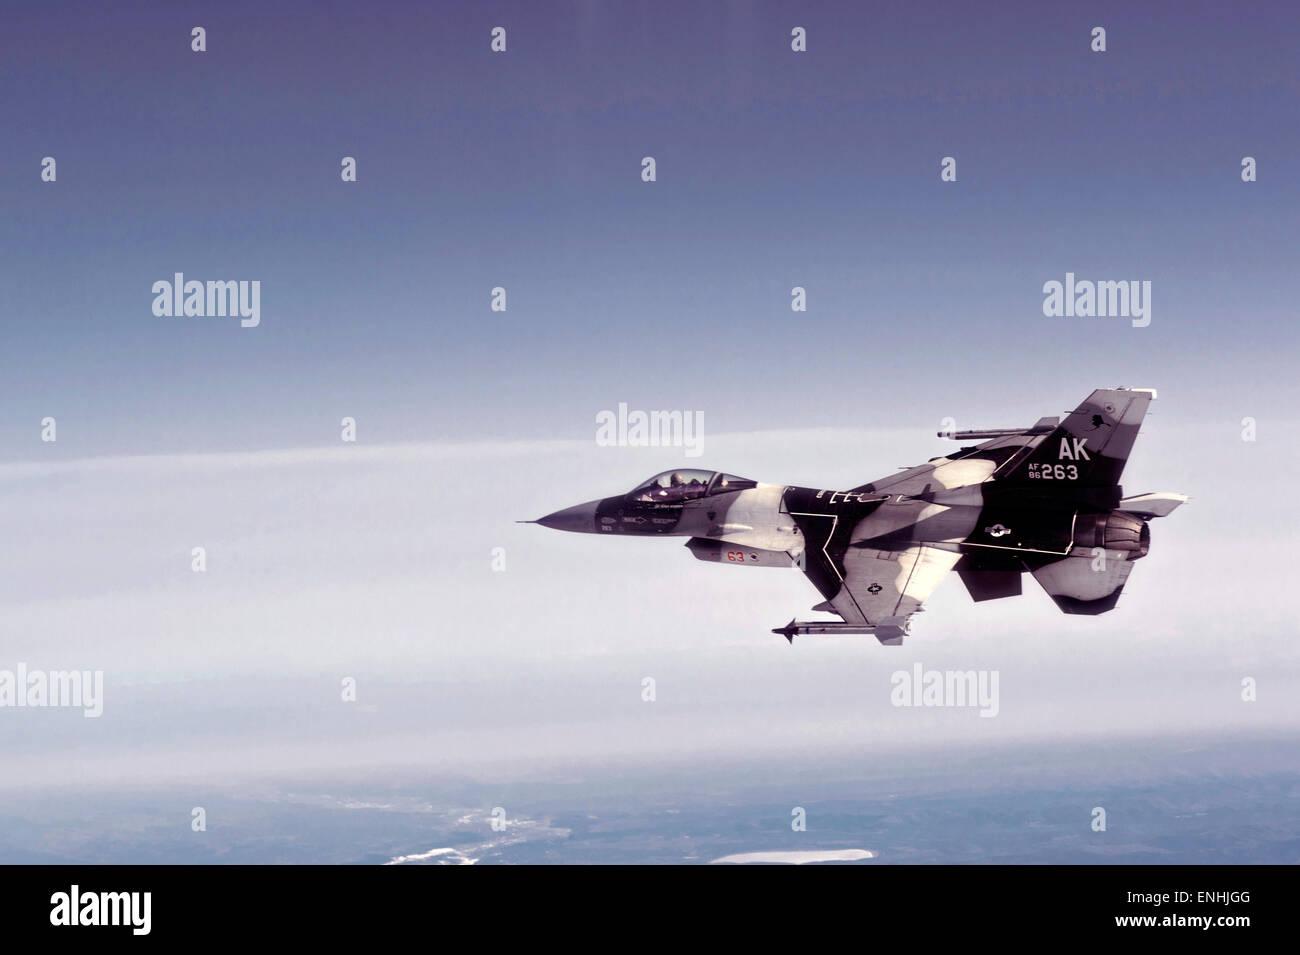 Un F-16 de la Fuerza Aérea de EE.UU. lucha en un avión Falcon sortie durante la bandera roja de Alaska, el 4 de mayo de 2015 sobre la base de la Fuerza Aérea Eielson, Alaska. El agresor escuadrón replica las amenazas que enfrentan las fuerzas de combate aéreo para el adversario la capacitación. Foto de stock